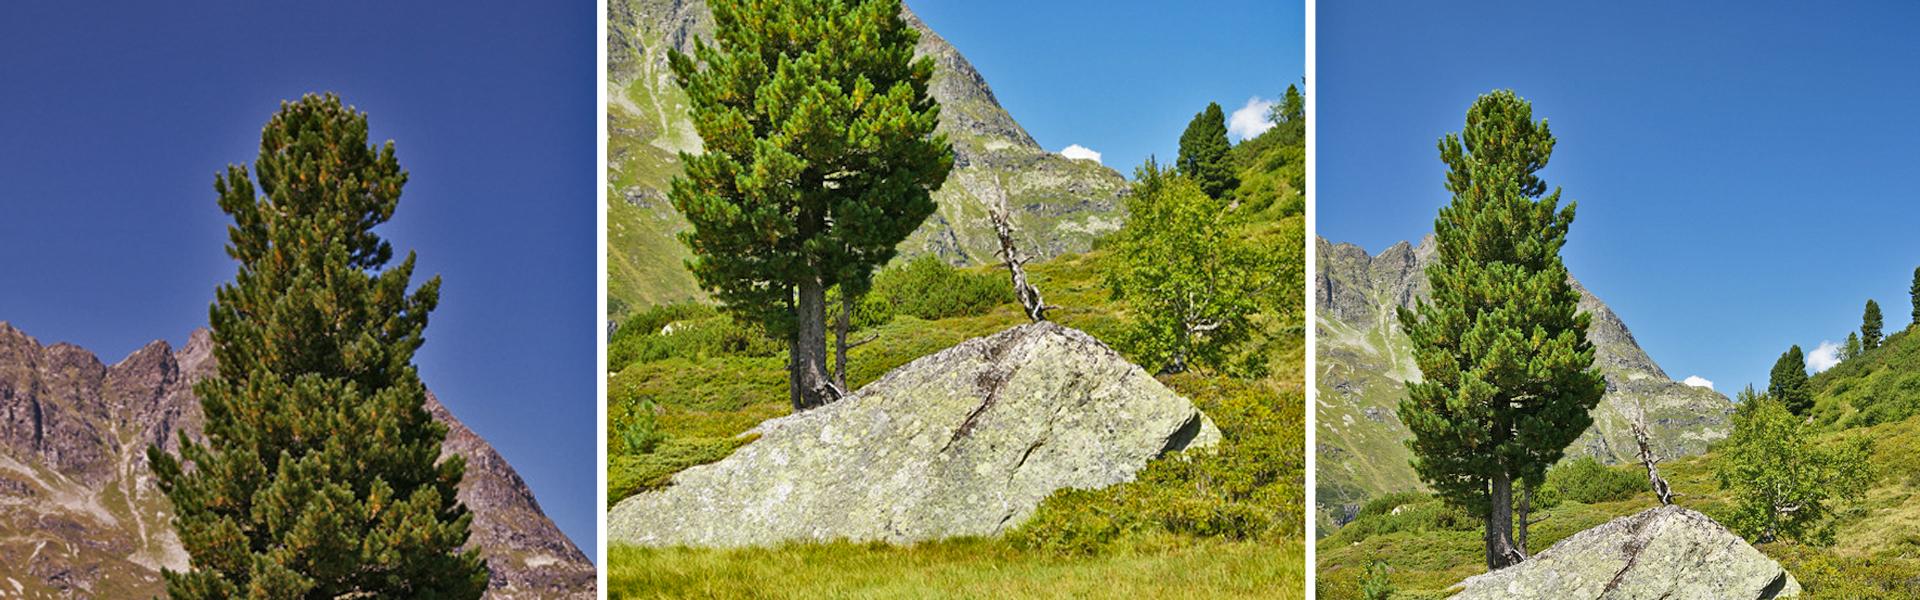 Ein Massivholzhaus kann auch aus Zirbenholz sein. Hier sieht man eine Zirbe im Gebirge.